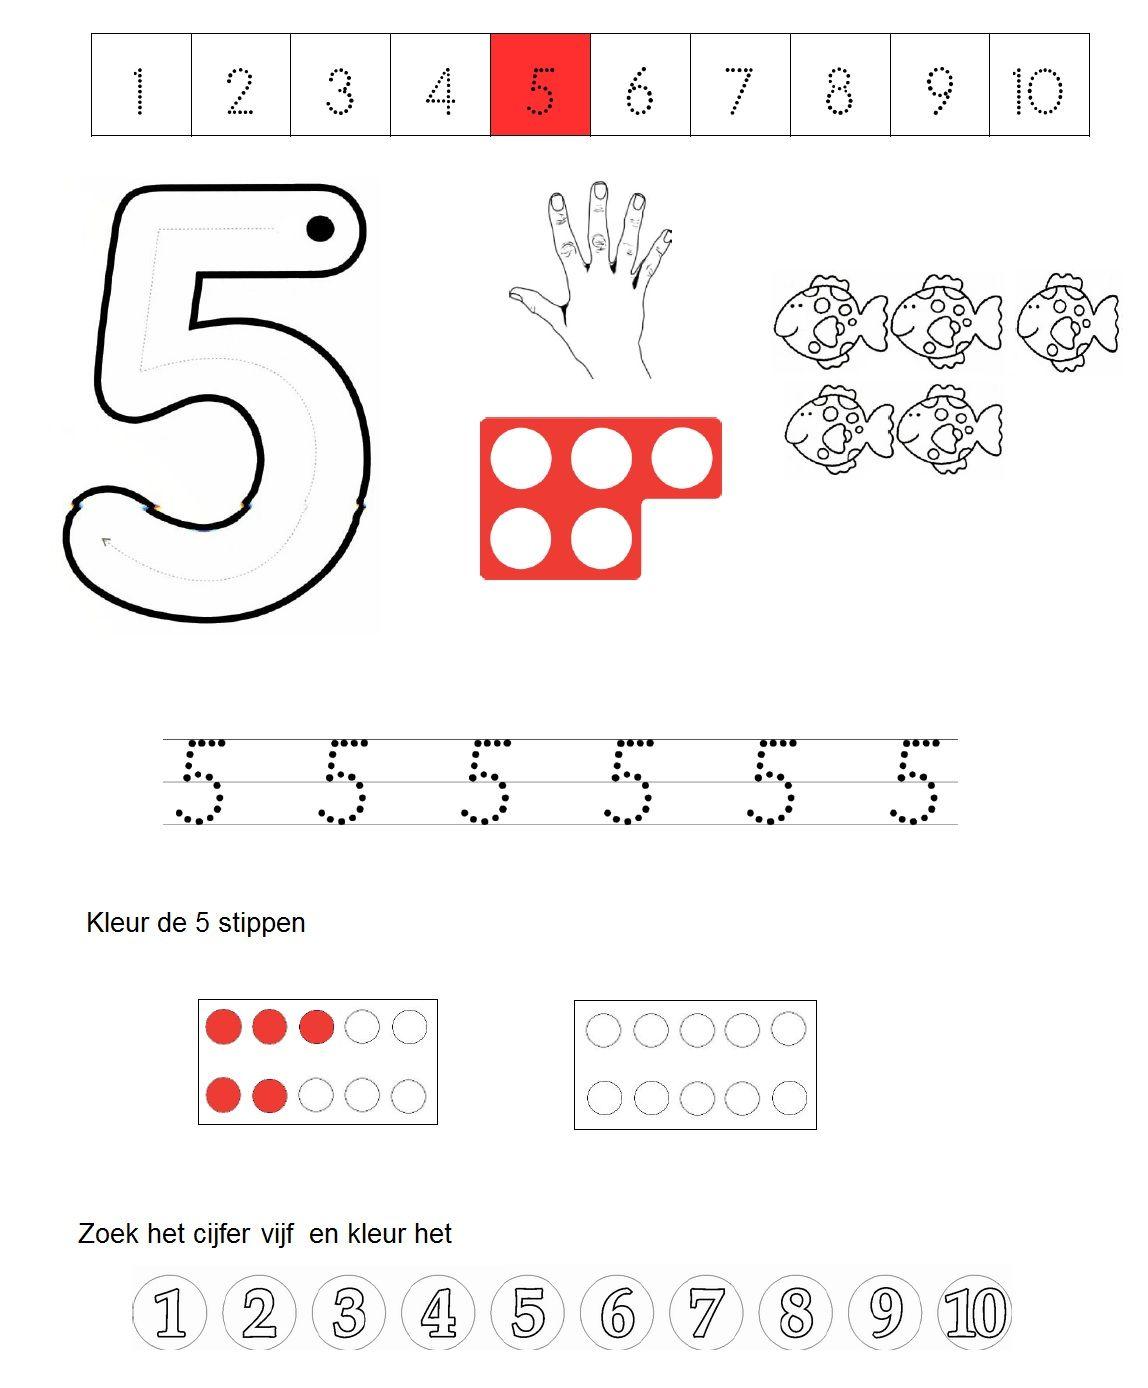 werkblad cijfer 5 | rekenen 1 tm 3 | Pinterest | Zahlen und ...